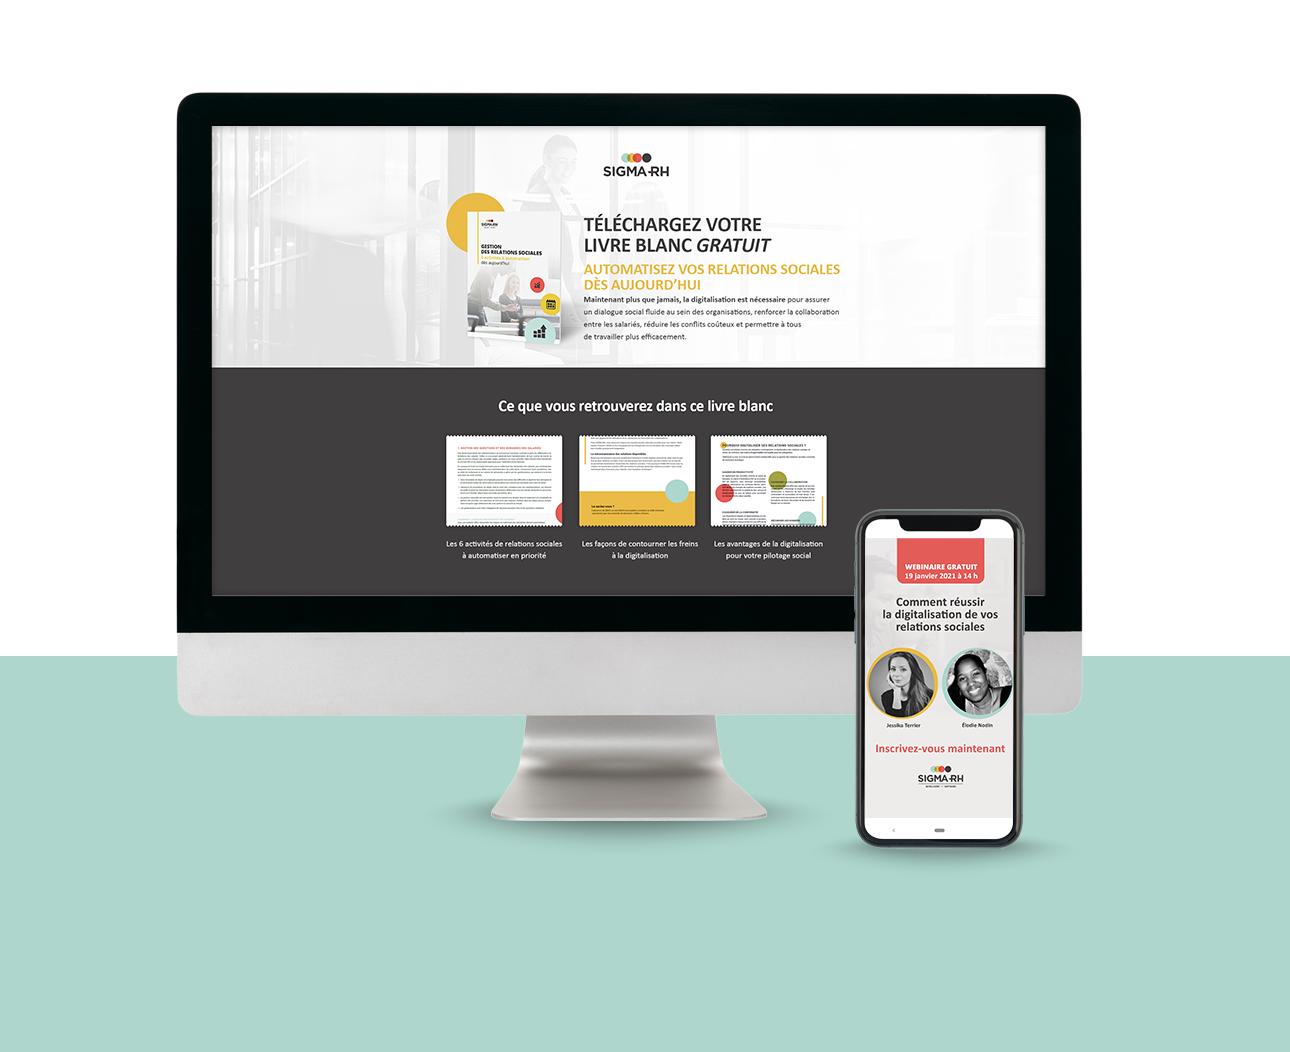 Landing page de téléchargement de la campagne SIGMA-RH